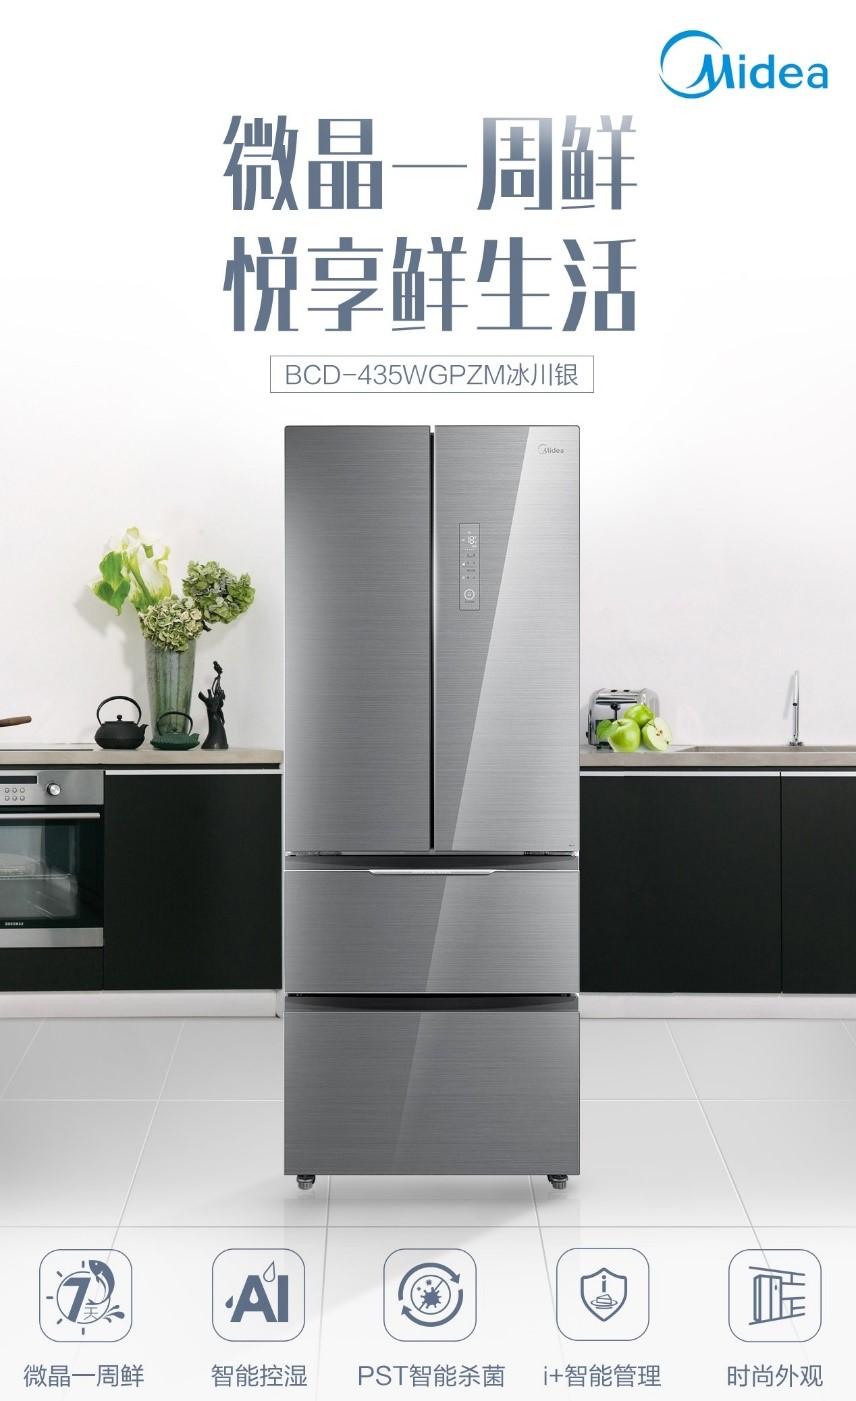 美的微晶冰箱国美首发 北欧极简美学引领冰川时代